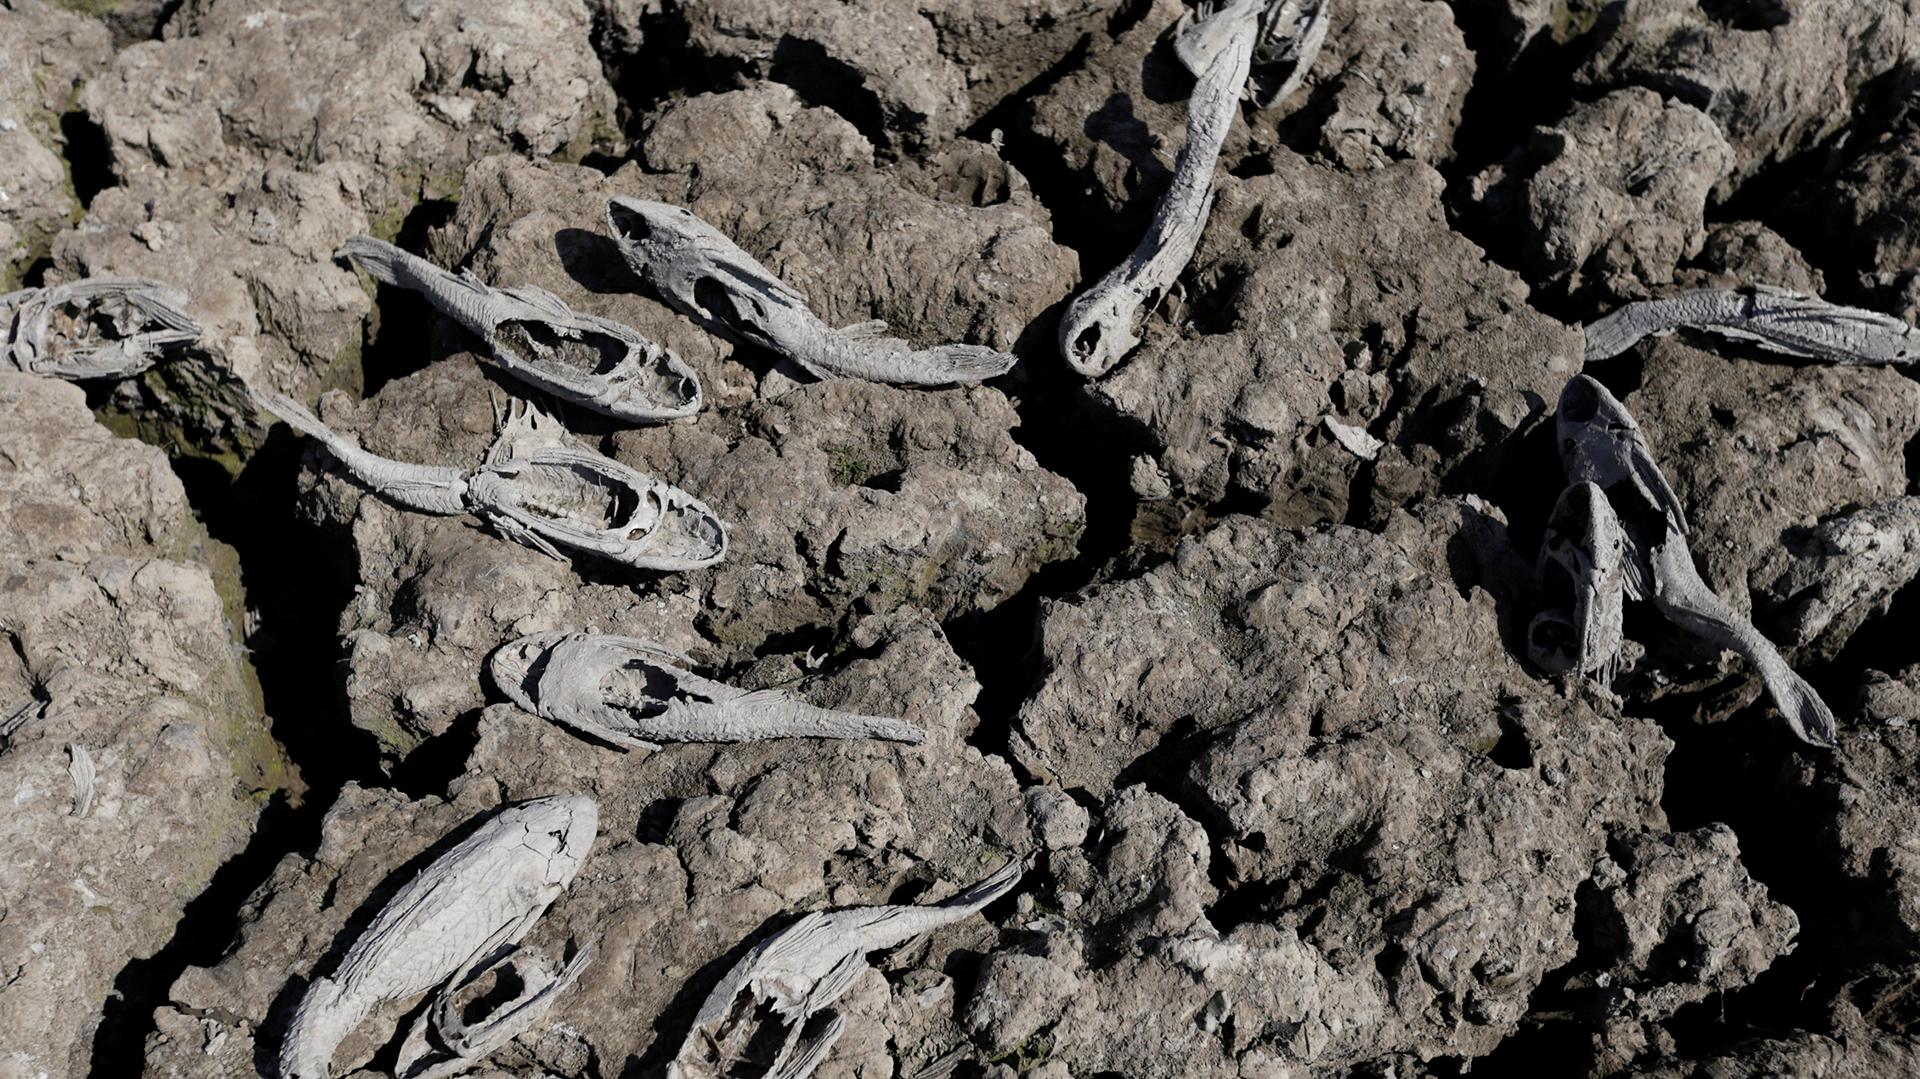 Integrantes de ONGs ambientalistas advierten por la inminencia de un desastre ecológico en el curso de agua